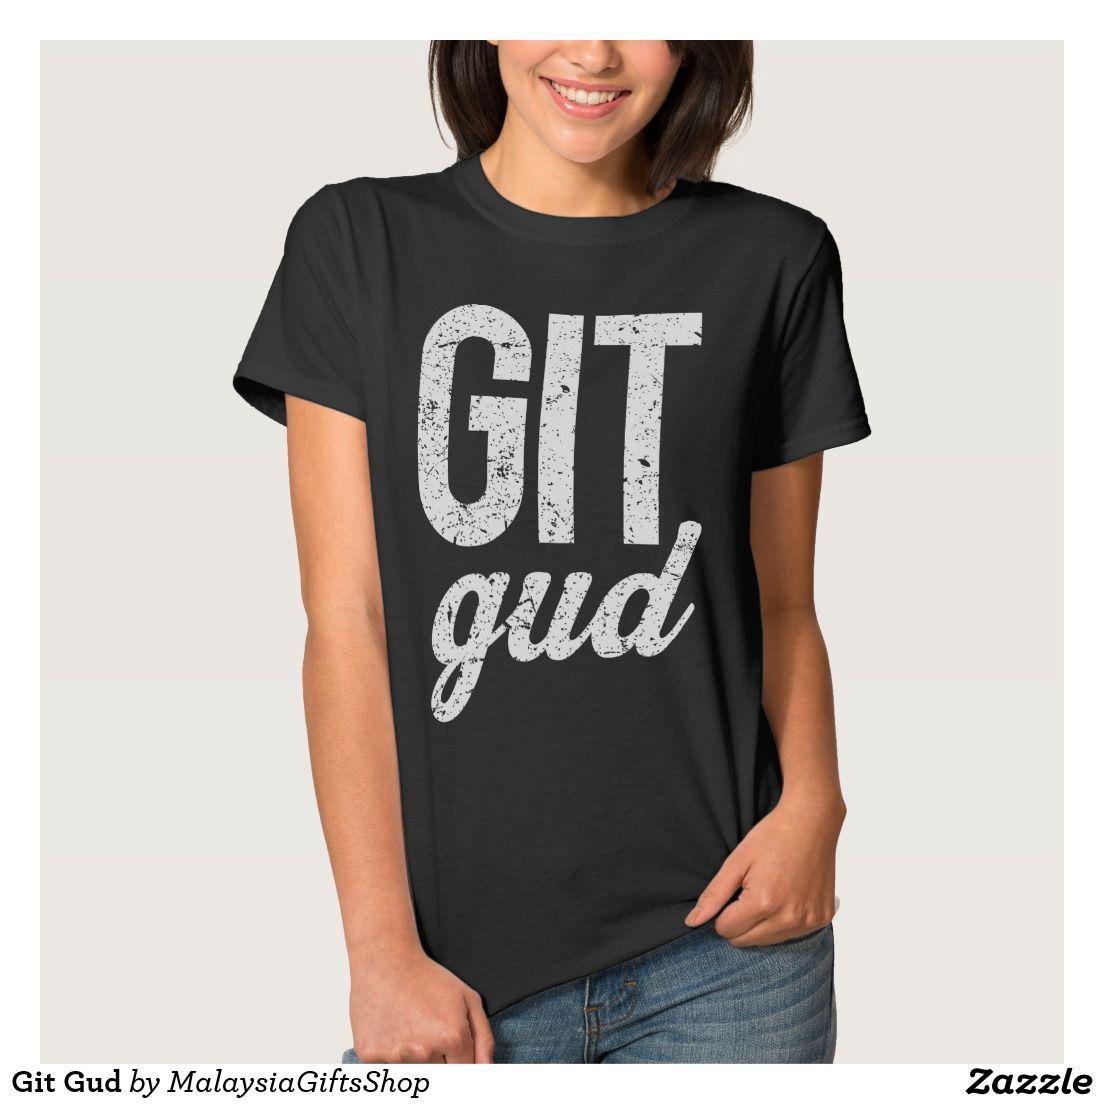 Git Gud T Shirt   Git Gud   T shirts for women, Shirts